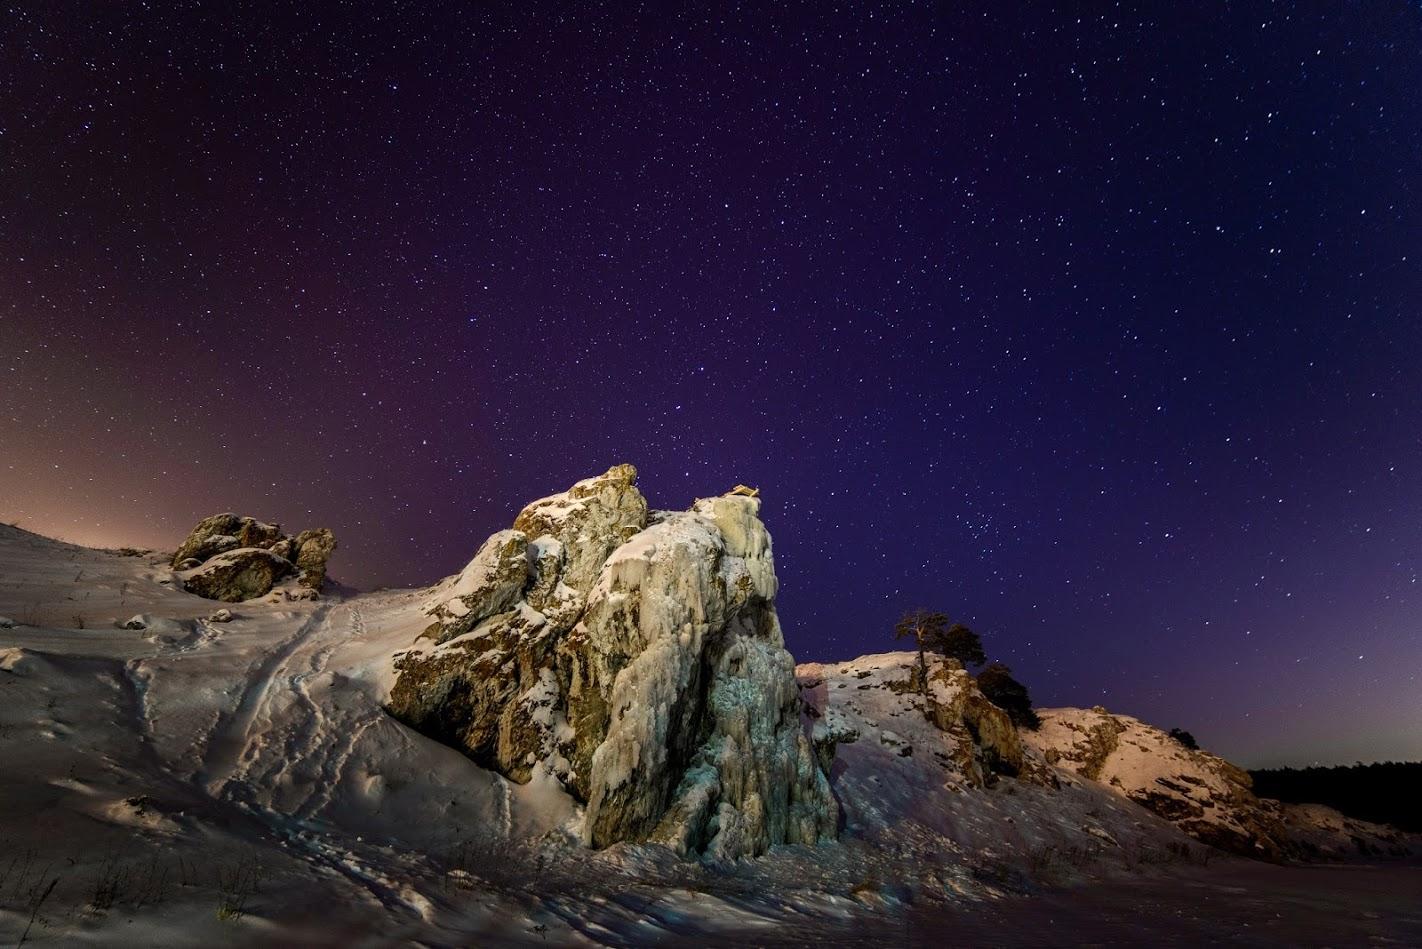 22. (Название: «Ночной слободской камень». Фотоаппарат Nikon D600. Объектив Samyang 14/2.8. Выдержка 30 секунд. Диафрагма f/2.8. ISO 2500).